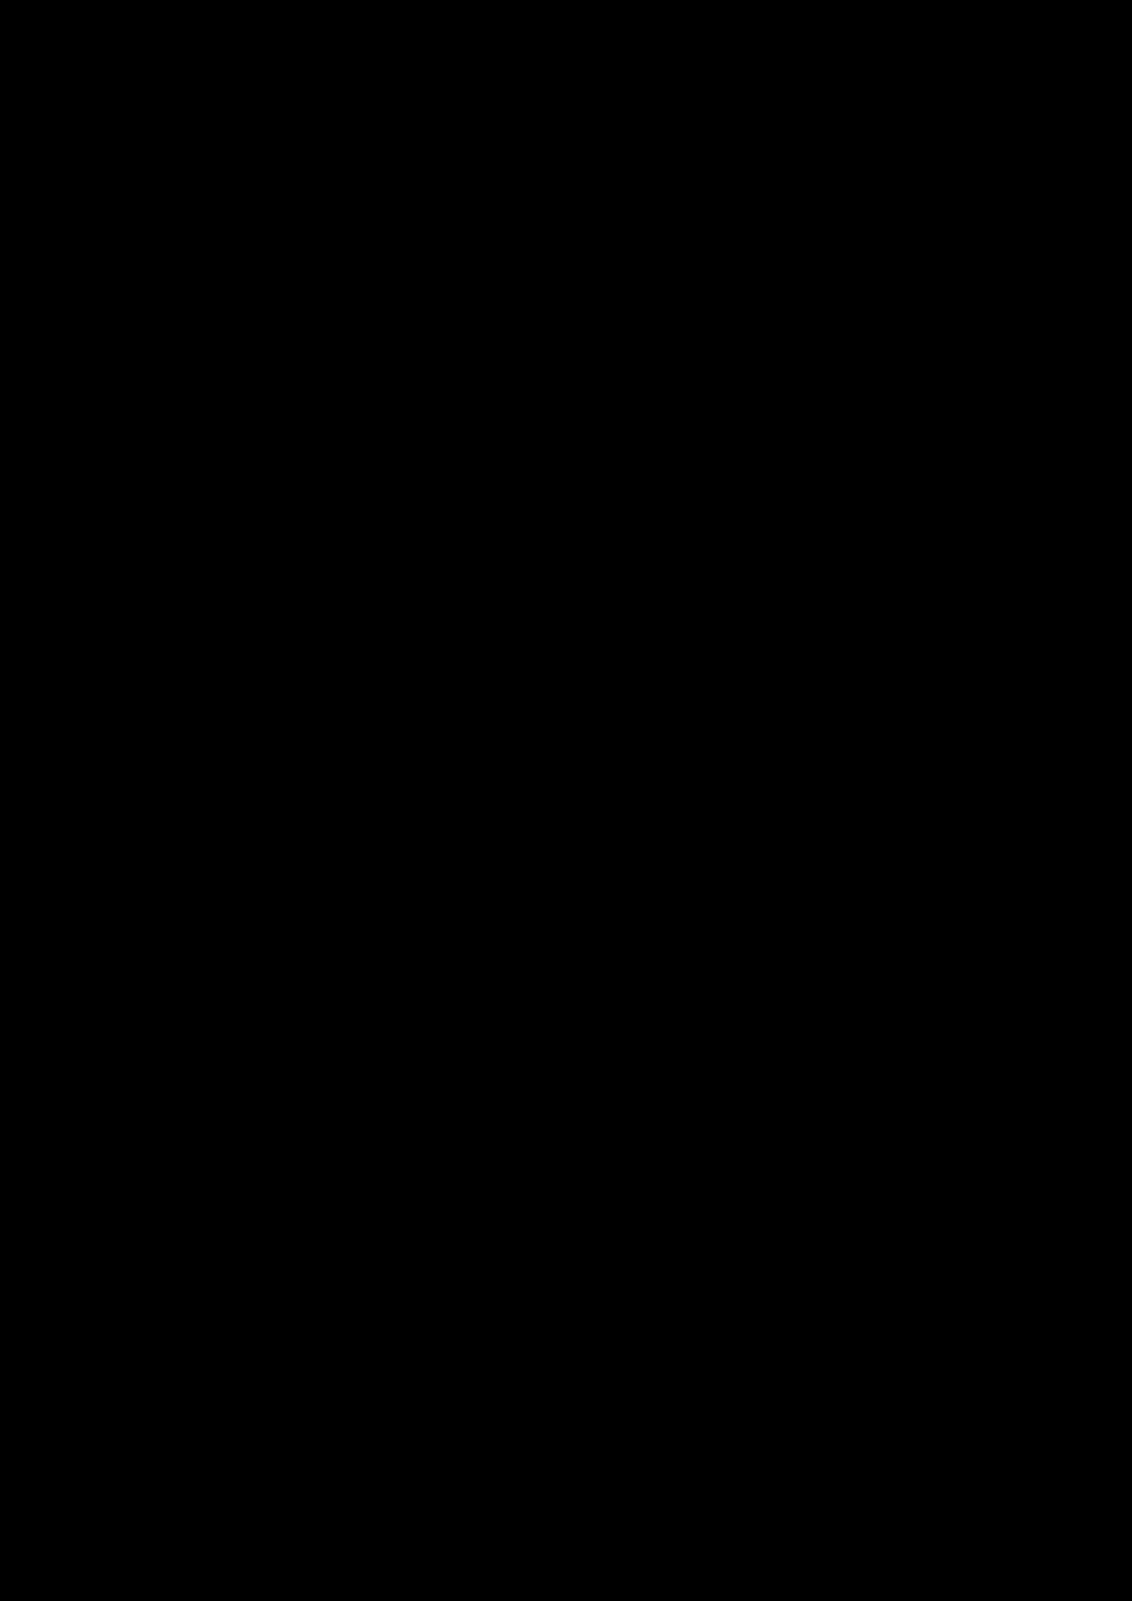 Osobyiy rezon slide, Image 15